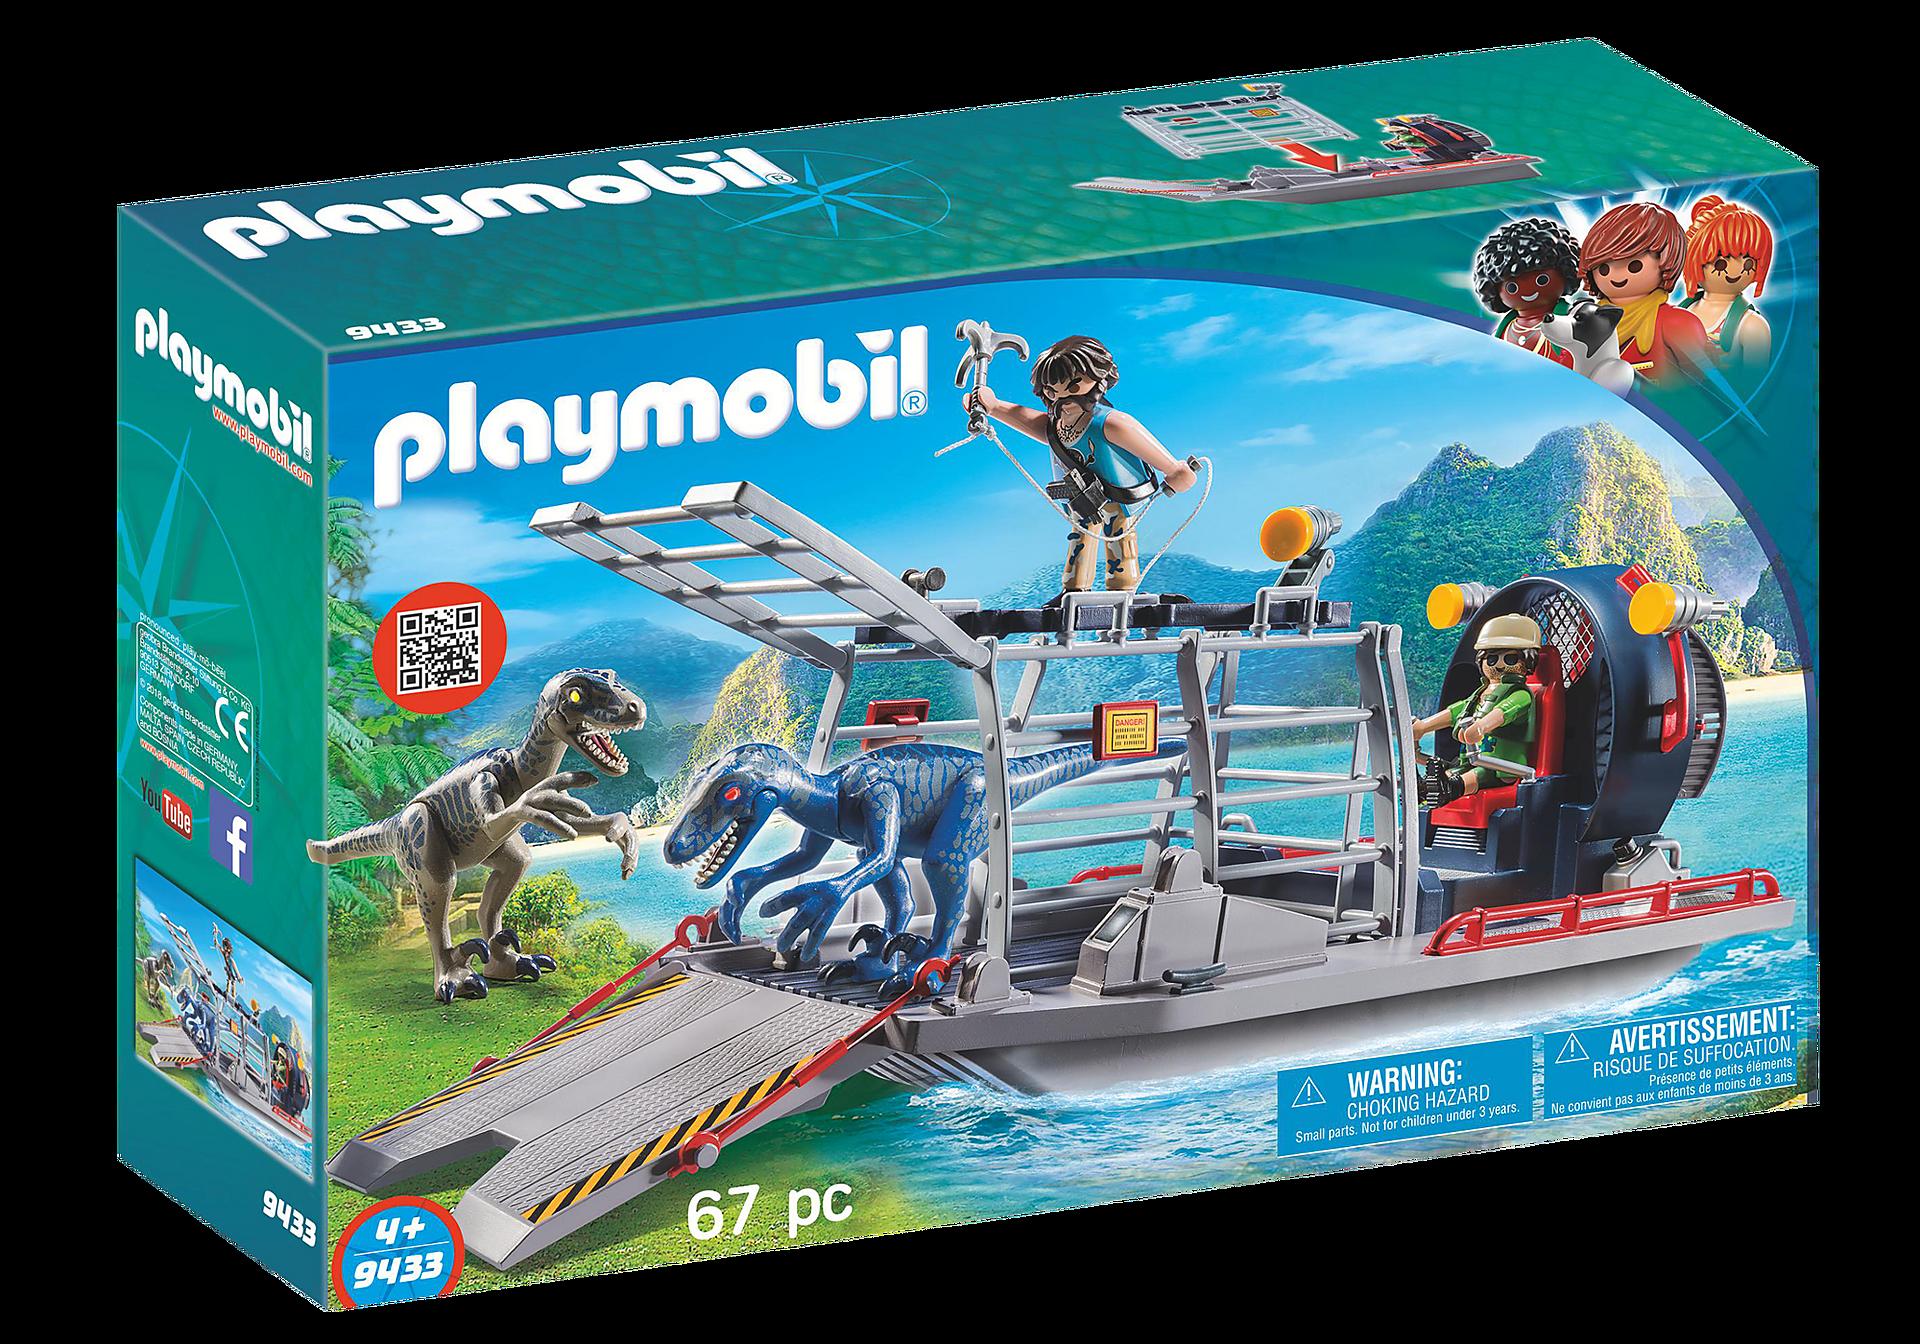 http://media.playmobil.com/i/playmobil/9433_product_box_front/Propelbåd med dinobur